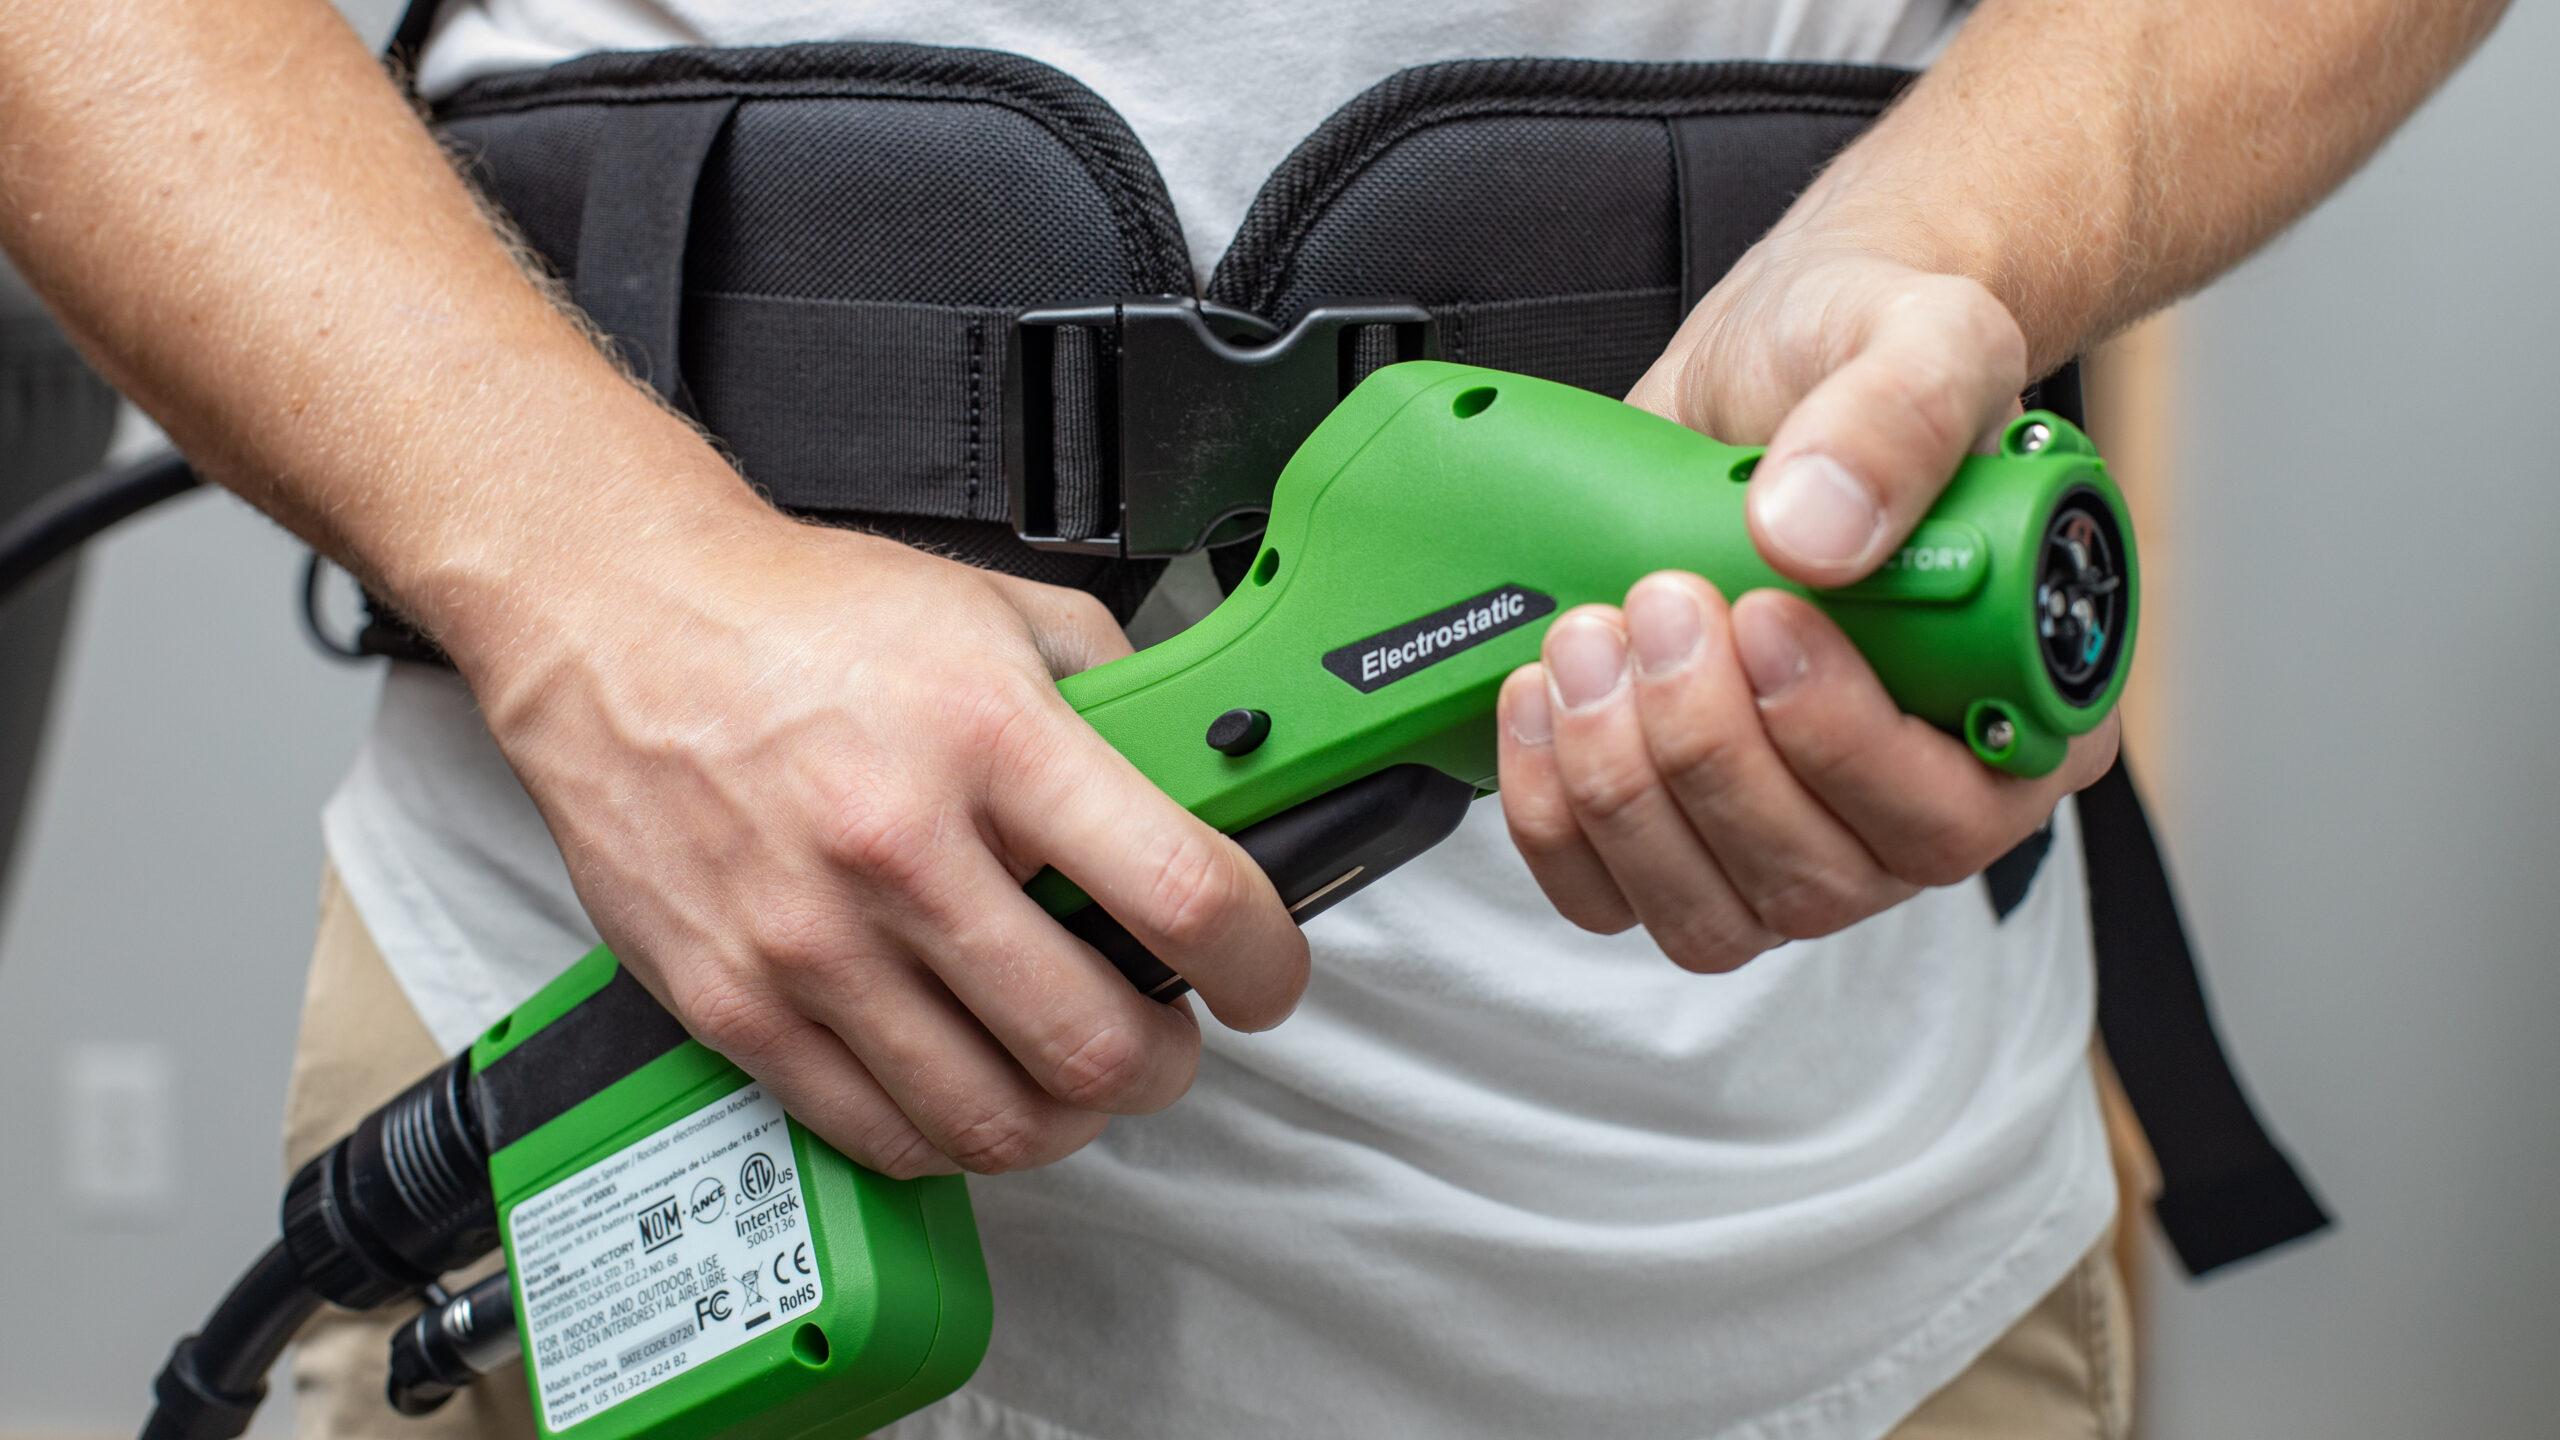 New ESD Sprayer by Victory Innovations